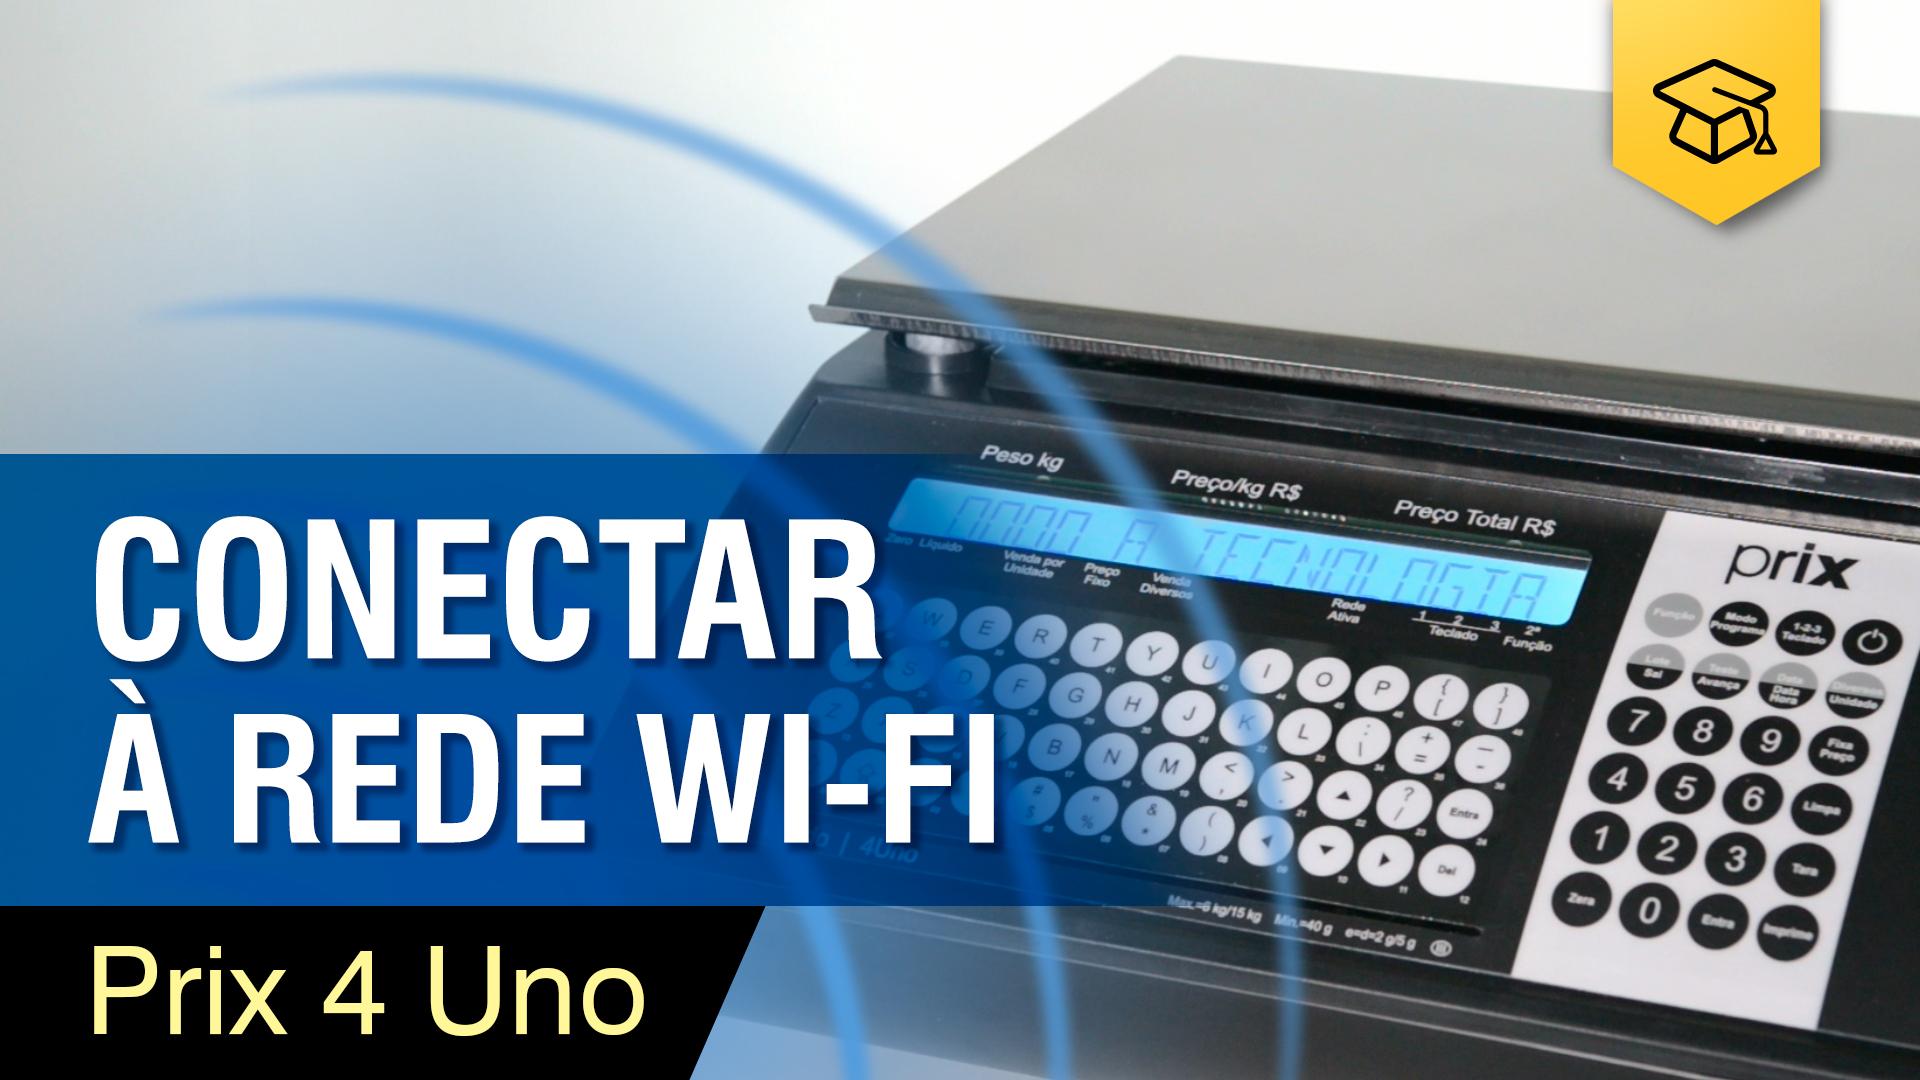 Prix 4 Uno - Conectando Wifi